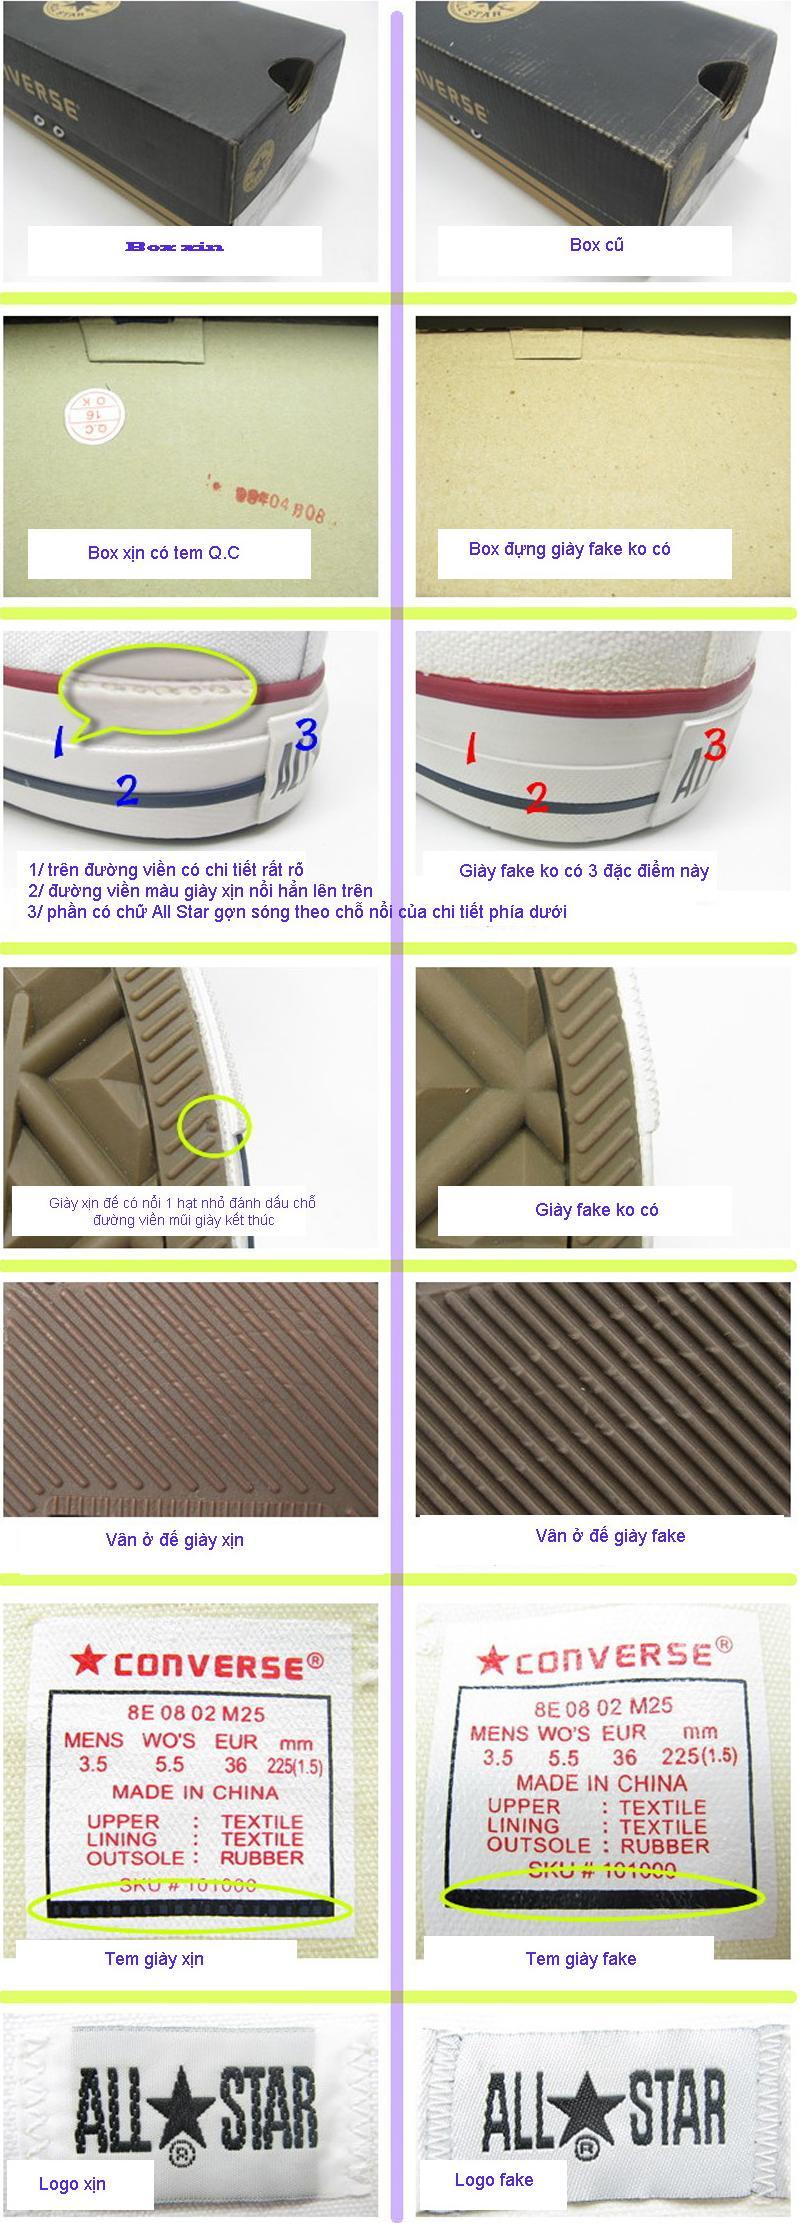 Những dấu hiệu nhận biết giày converse xịn và giả